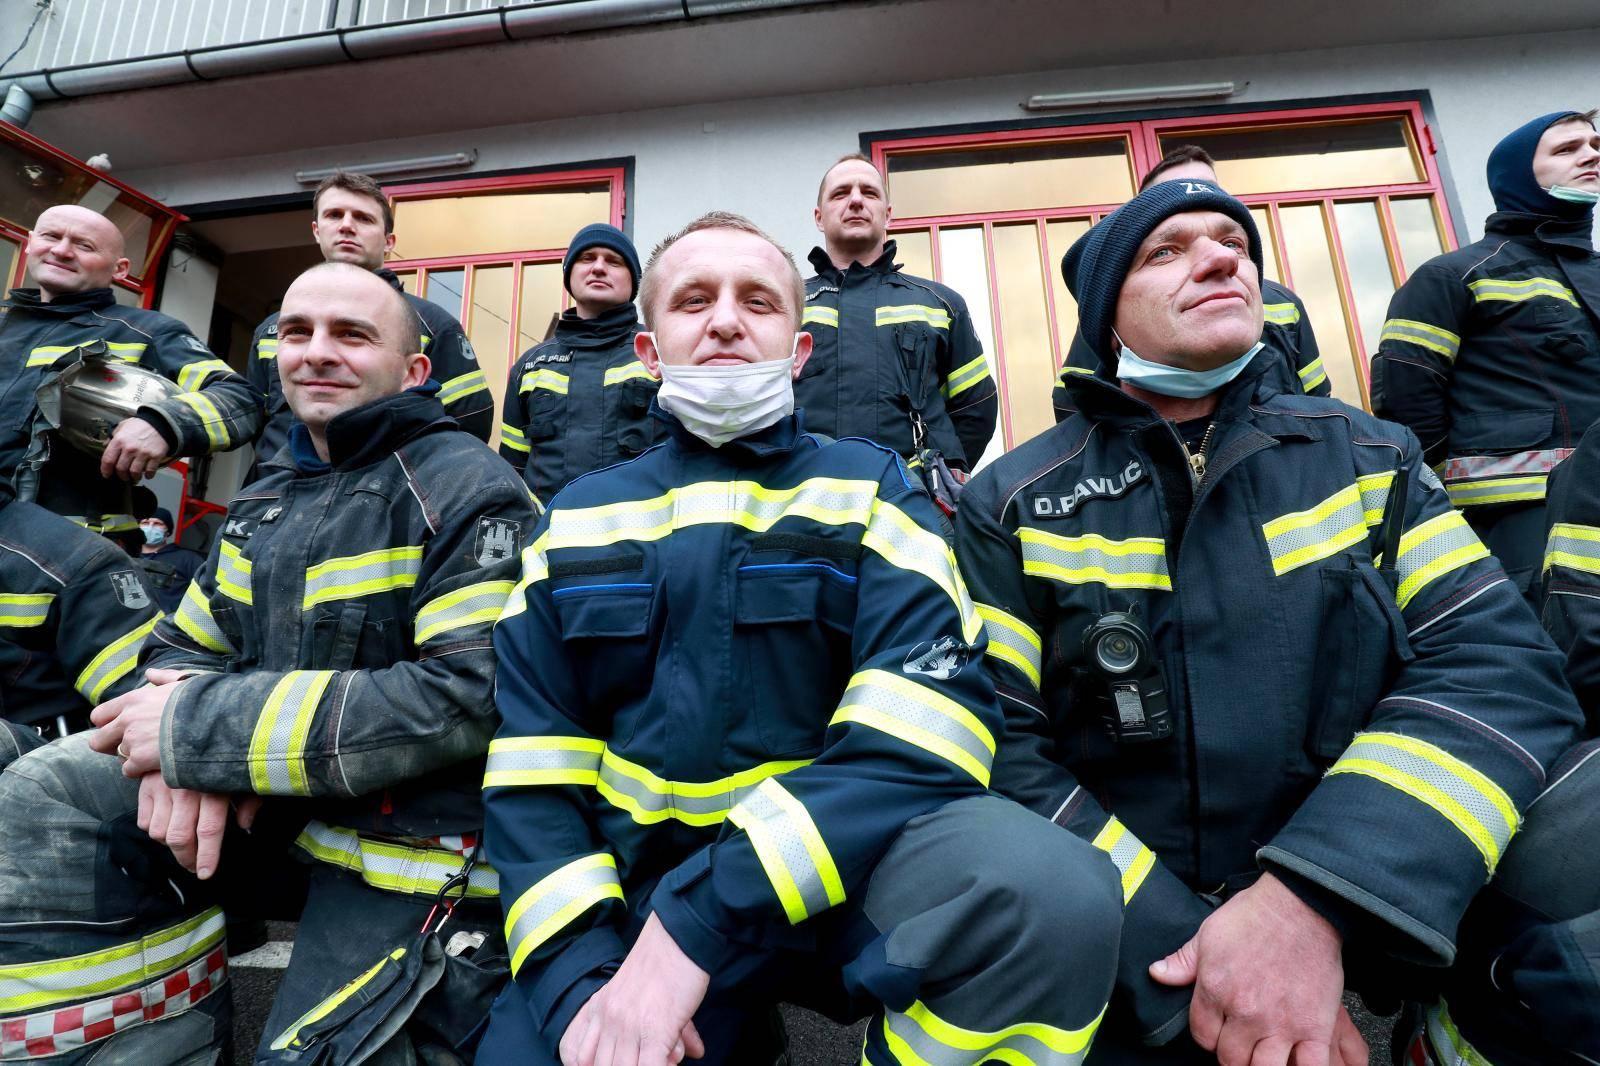 Ispovijest vatrogasca: Prvi su krenuli u pomoć nakon potresa